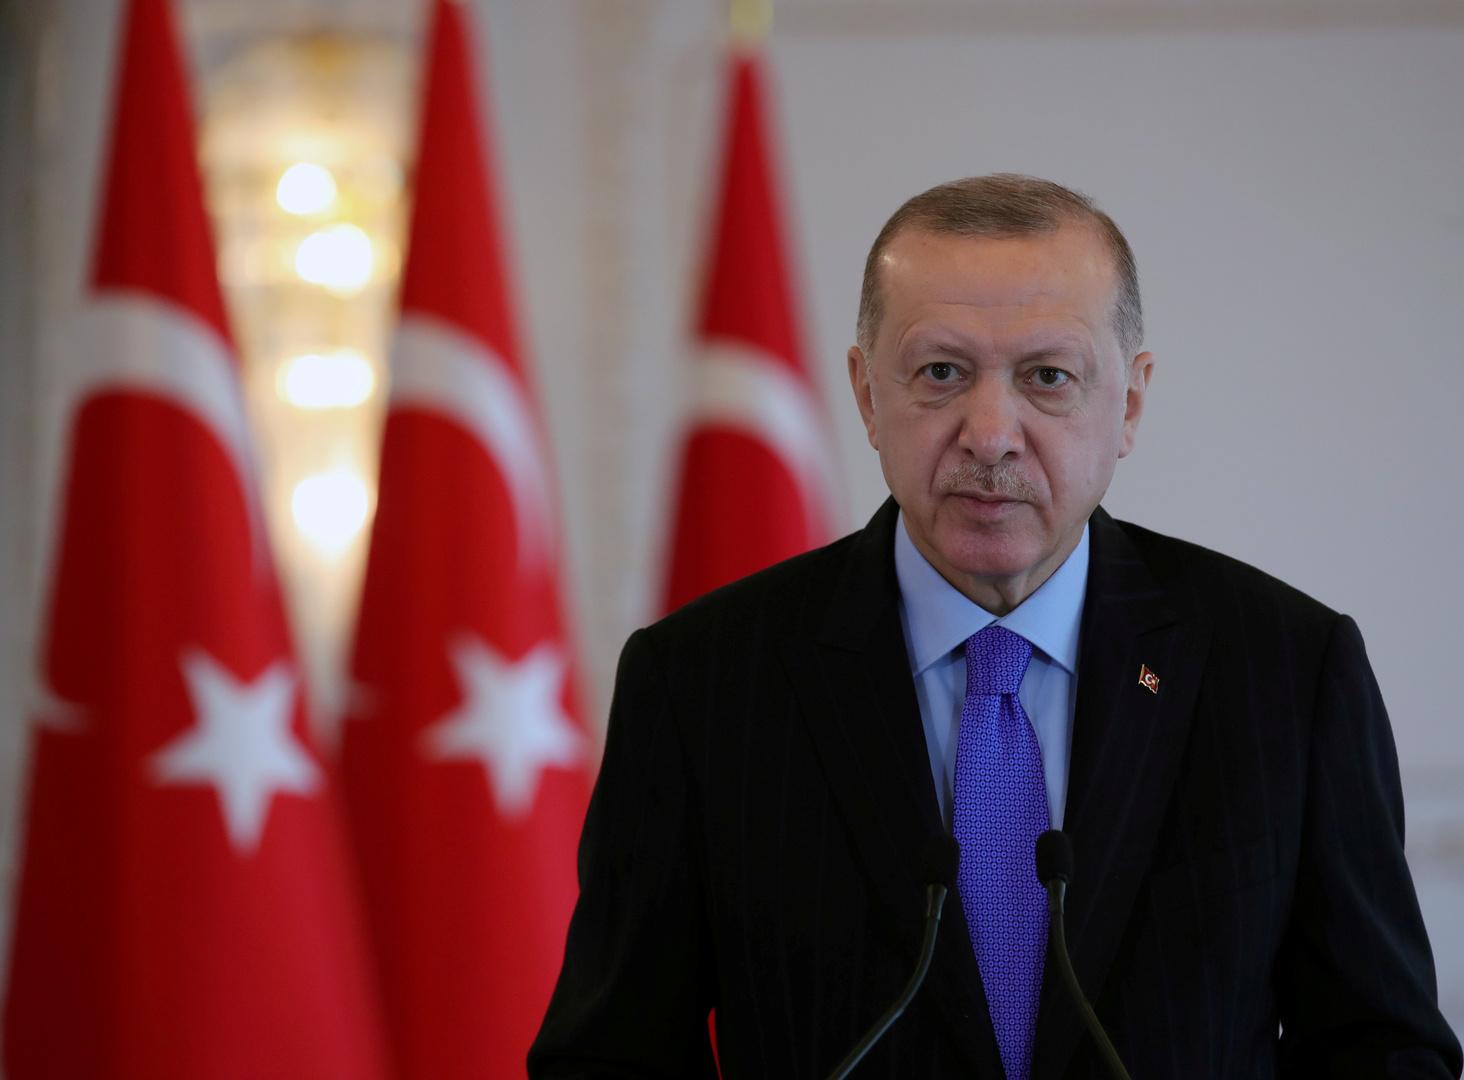 أردوغان: نبذل قصارى جهدنا لضمان مستقبل مشرق لجارتنا سوريا على قاعدة وحدة أراضيها ووحدتها السياسية